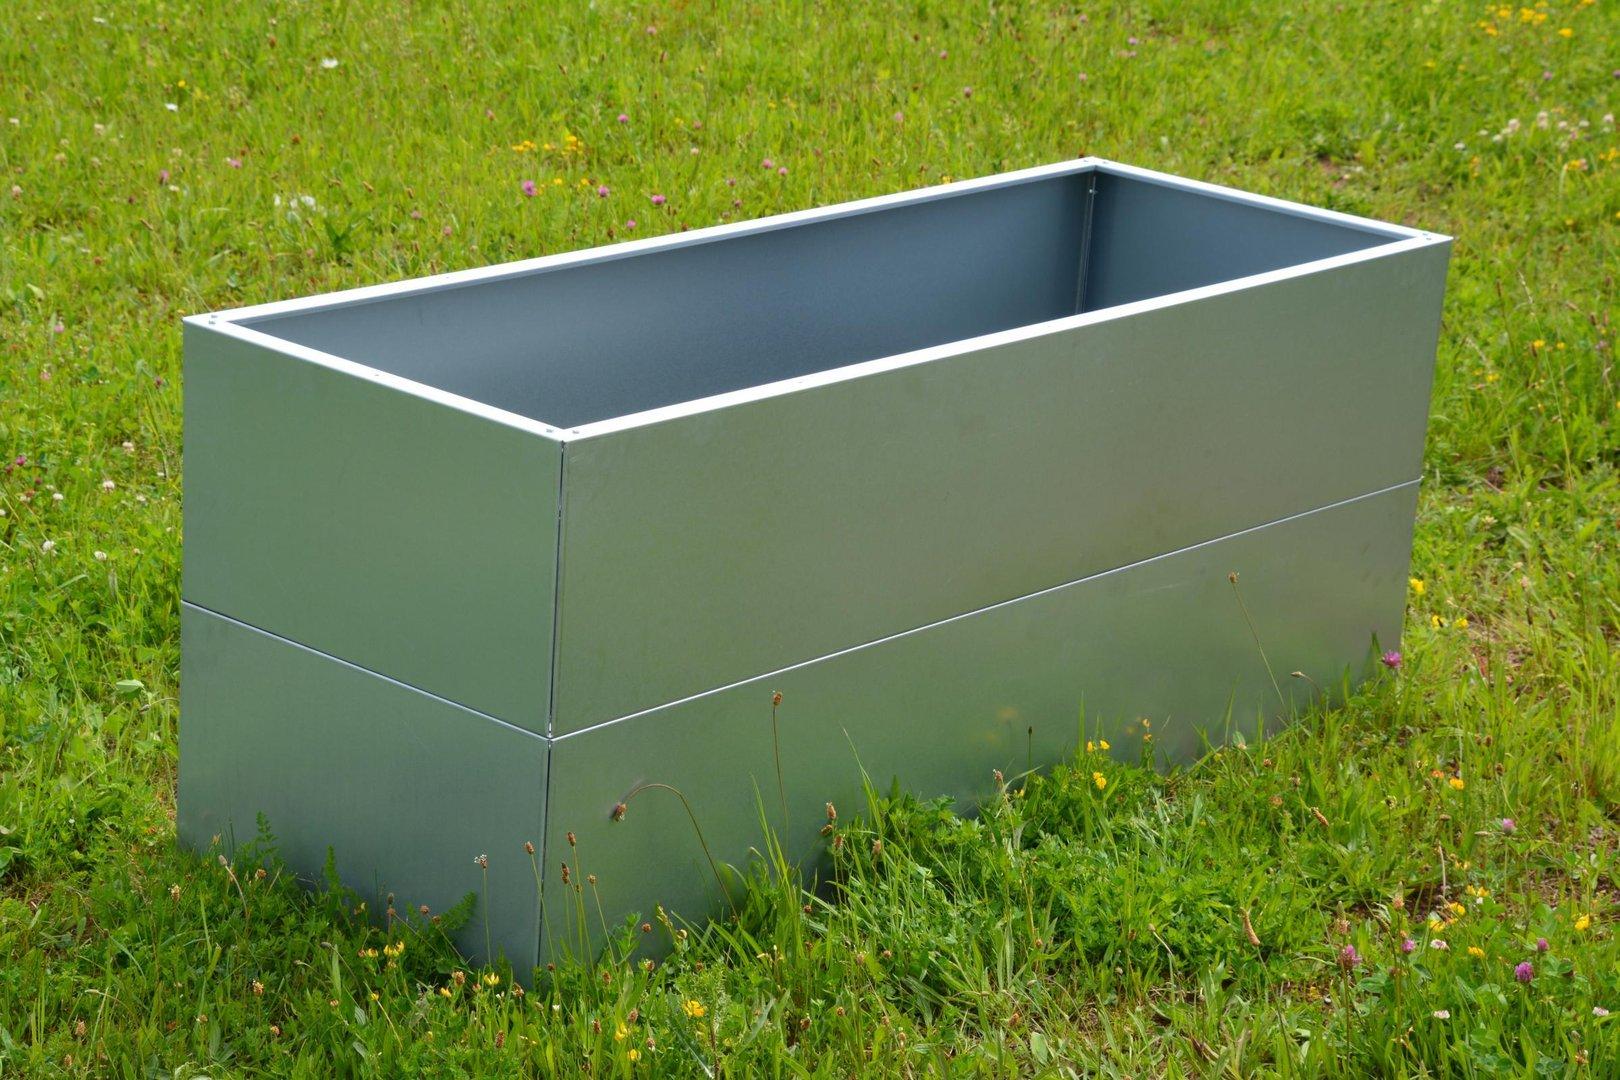 Hochbeet Urban Gardening Metall 0 3 M X 0 75 M X 0 3 M Hoch Verzinkt